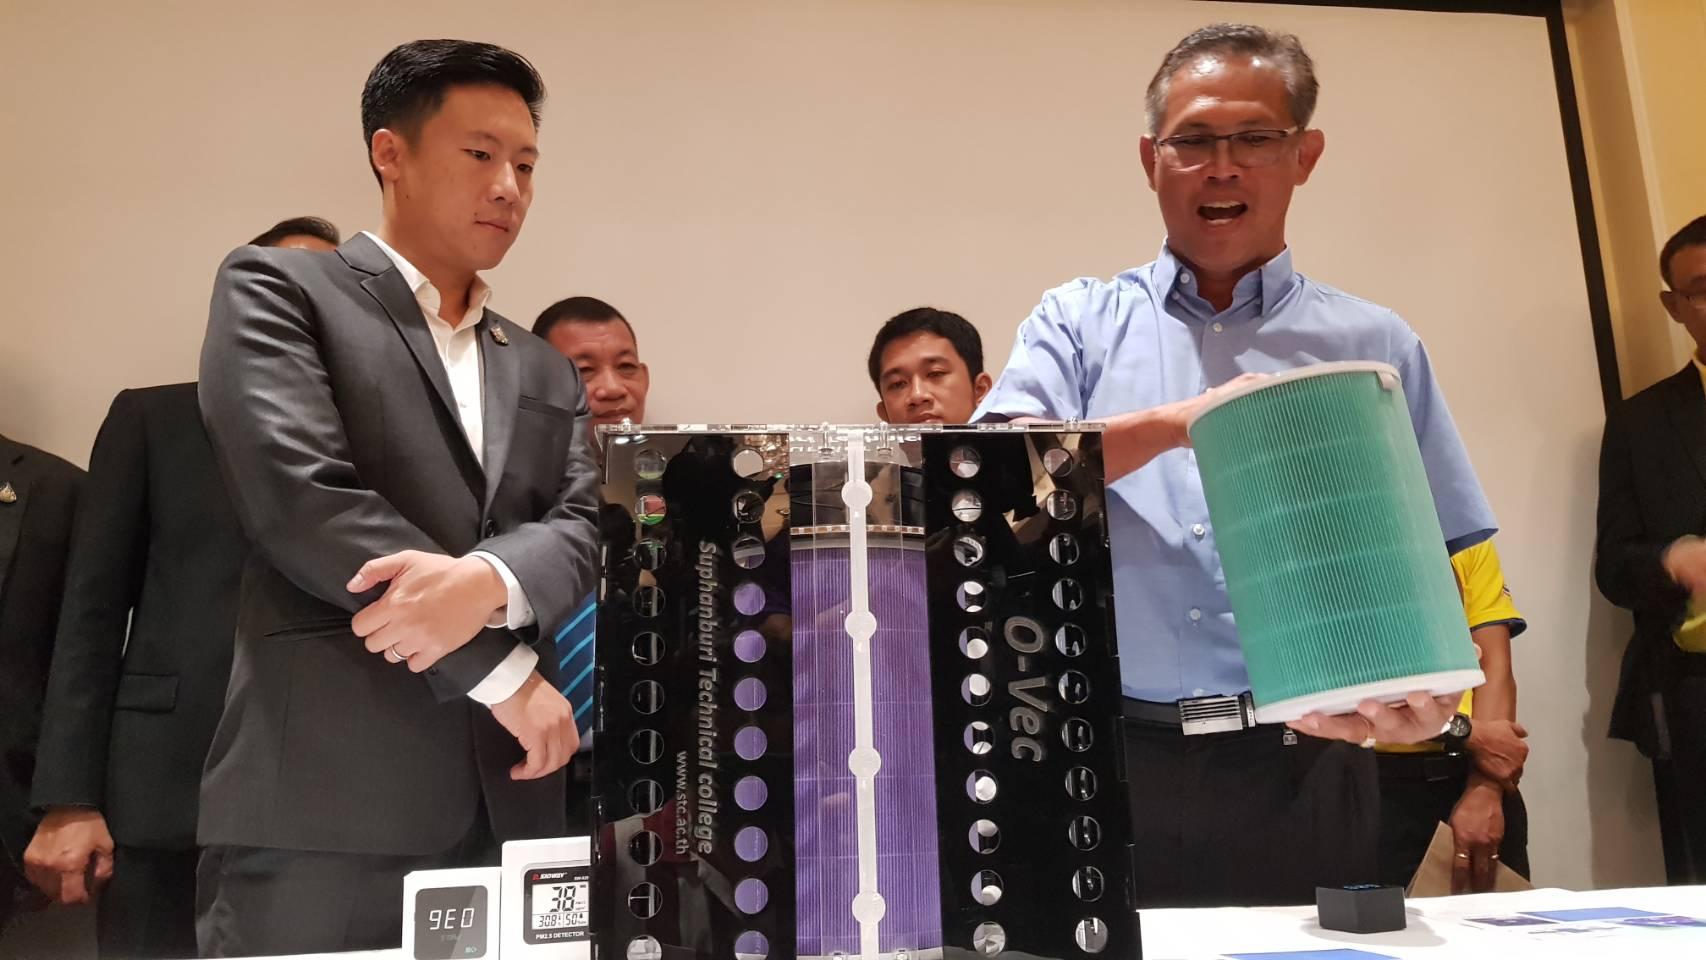 """ศธ.เล็งทำ """"เซฟโซน"""" ใน ร.ร. สั่งอาชีวะทำเครื่องกรองอากาศ 10,000 เครื่อง ลดฝุ่น PM 2.5"""